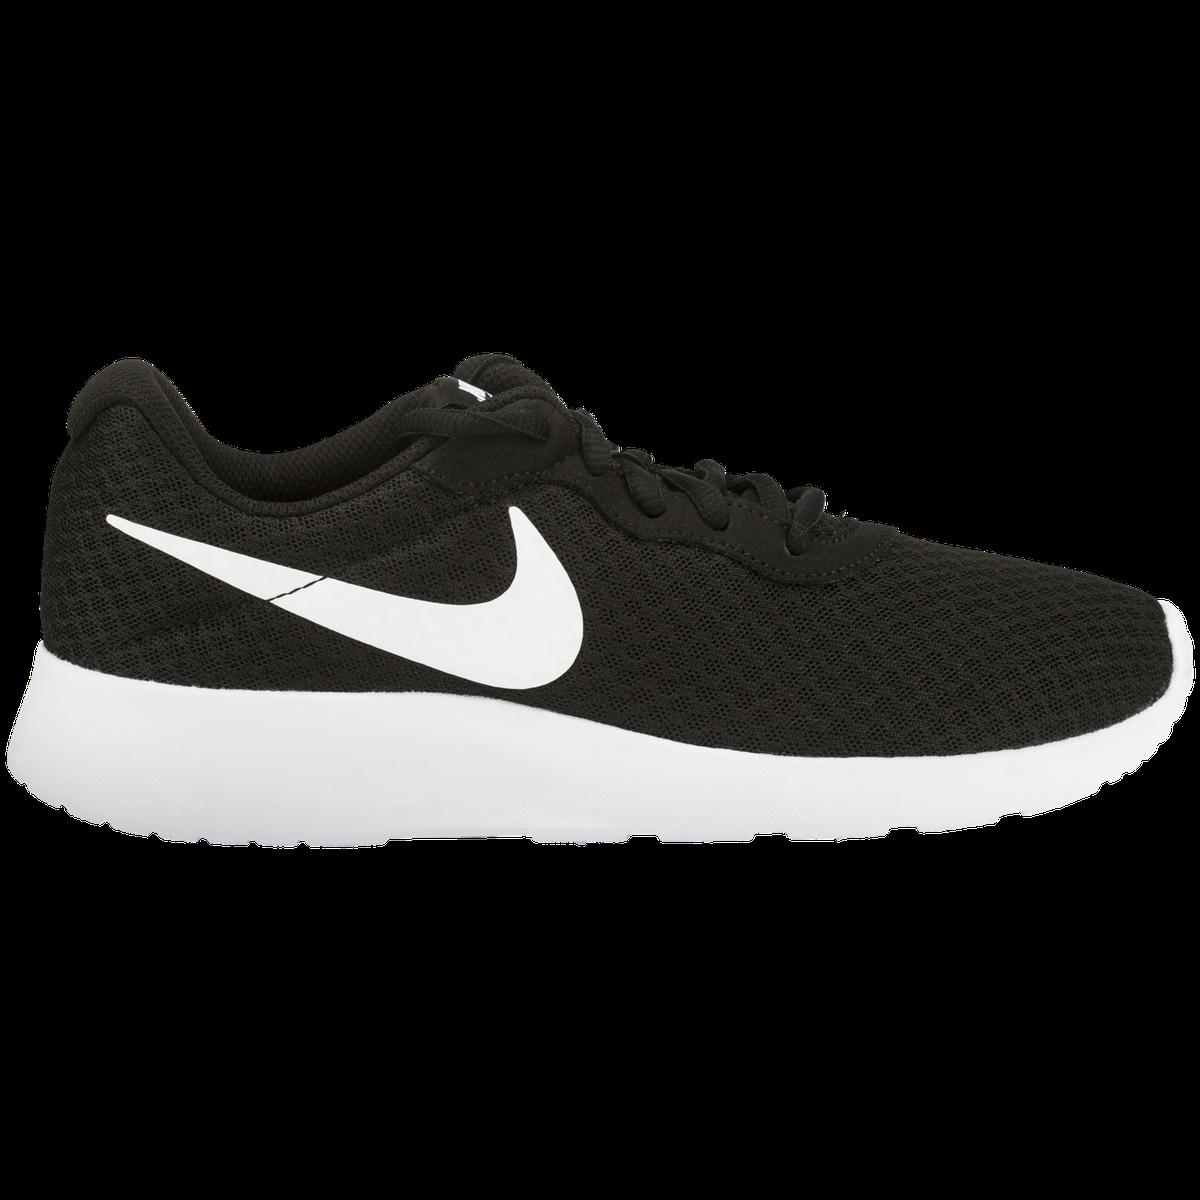 best website 11cc1 82a29 Nike Tanjun W, naisten vapaa-ajan kengät - Musta - Naisten vapaa-ajan kengät    XXL